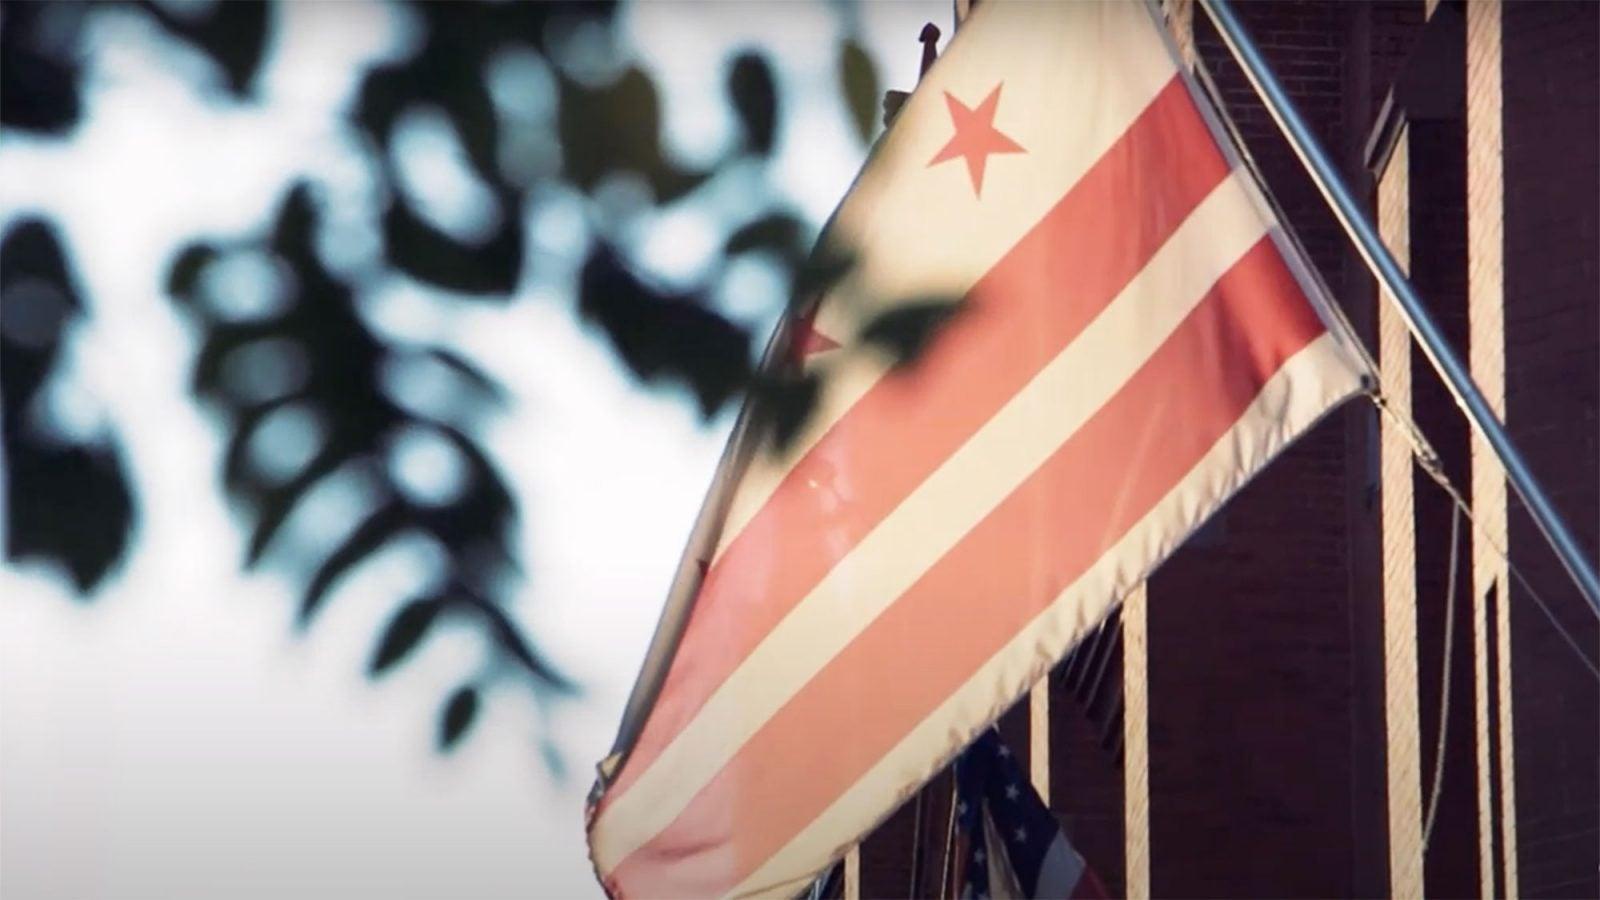 A DC flag hangs outside.